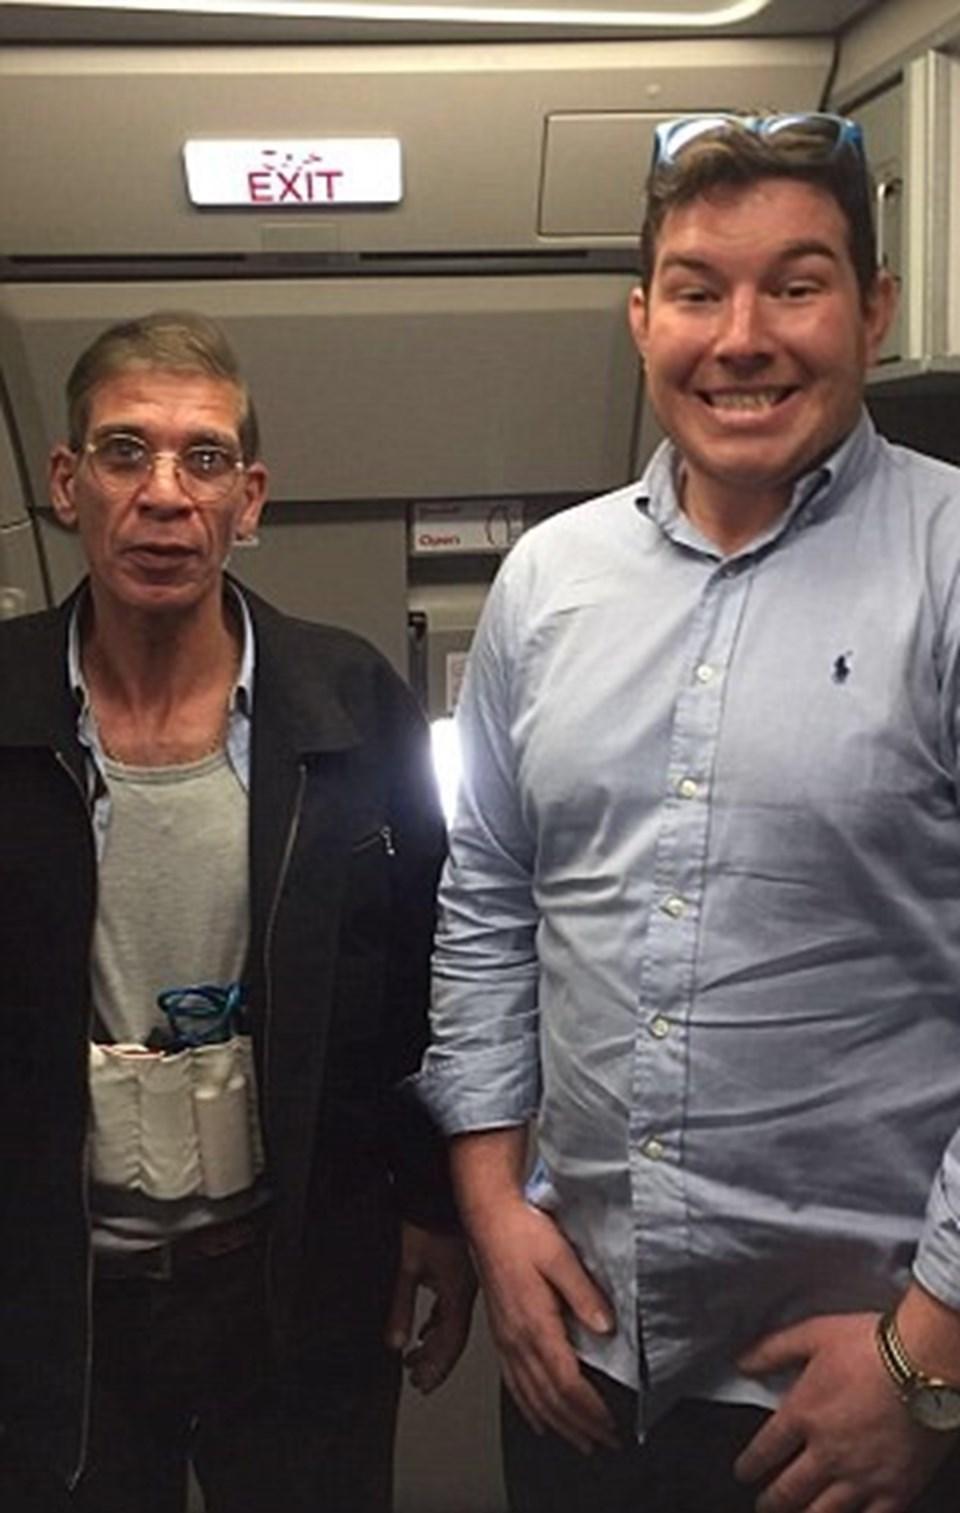 Innes, hava korsanı ile çektirdiği selfie sonrasında, uçaktan kaçarak uzaklaşan yolcular arasında da görülmüştü.